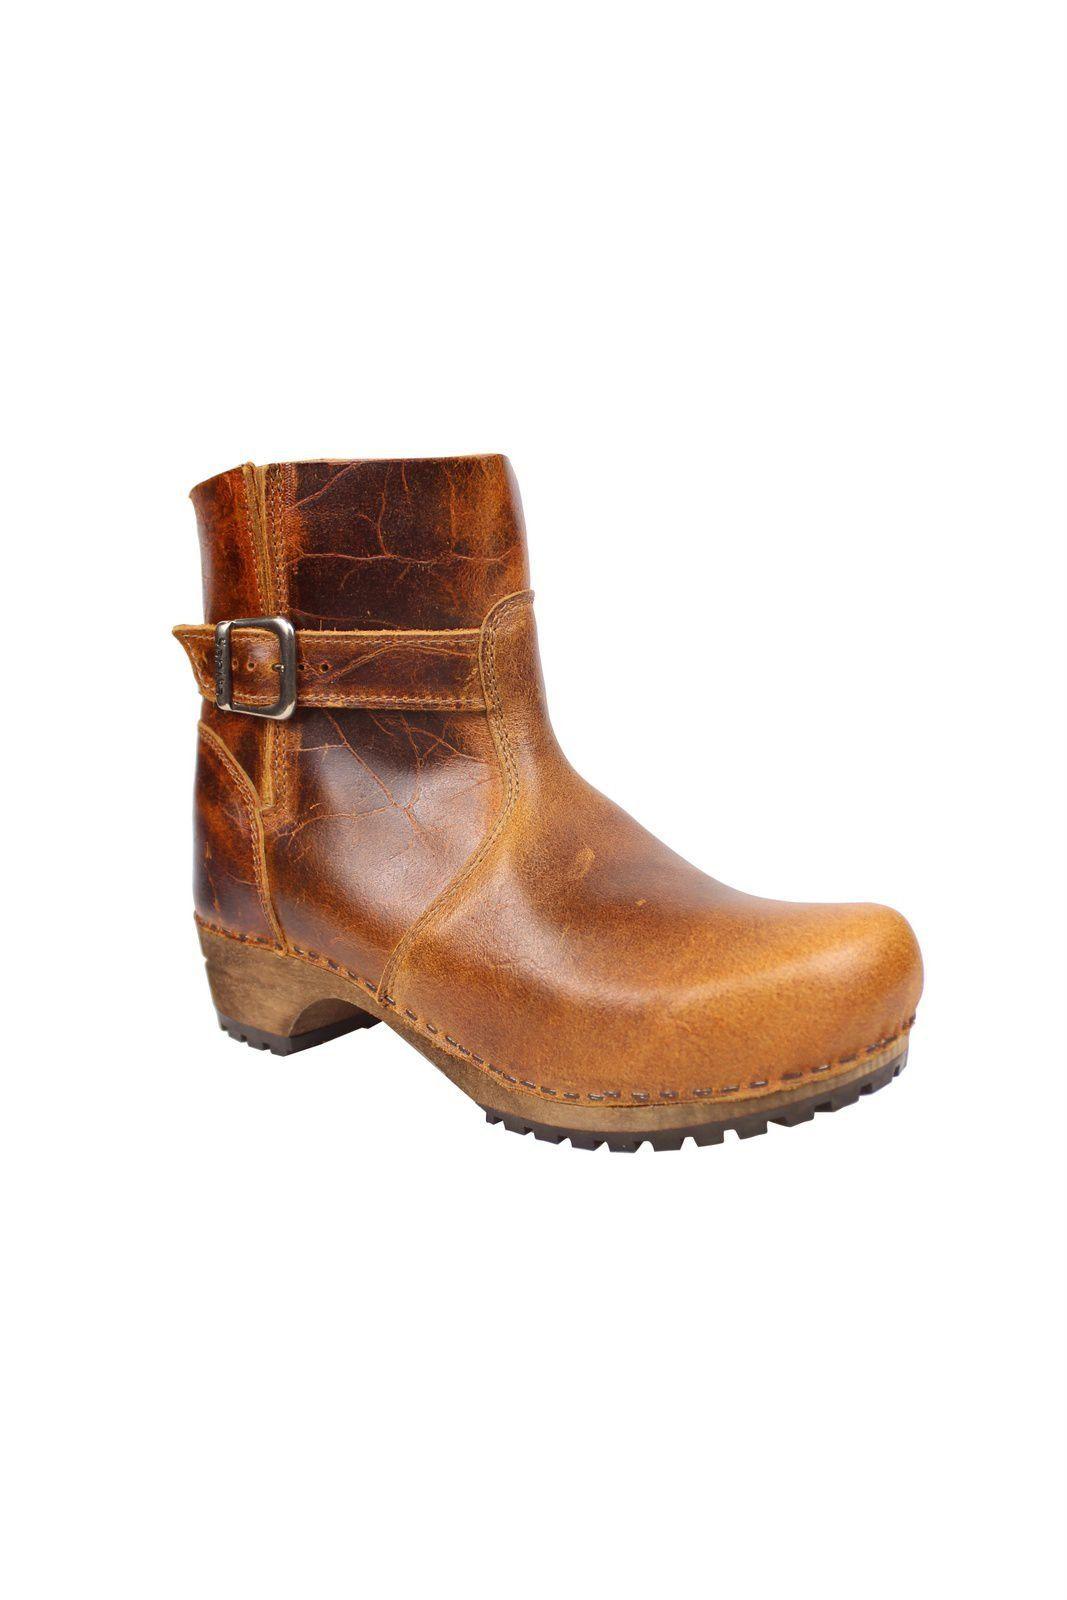 Mina Low Classic Clog Boot Cognac 452330 Main